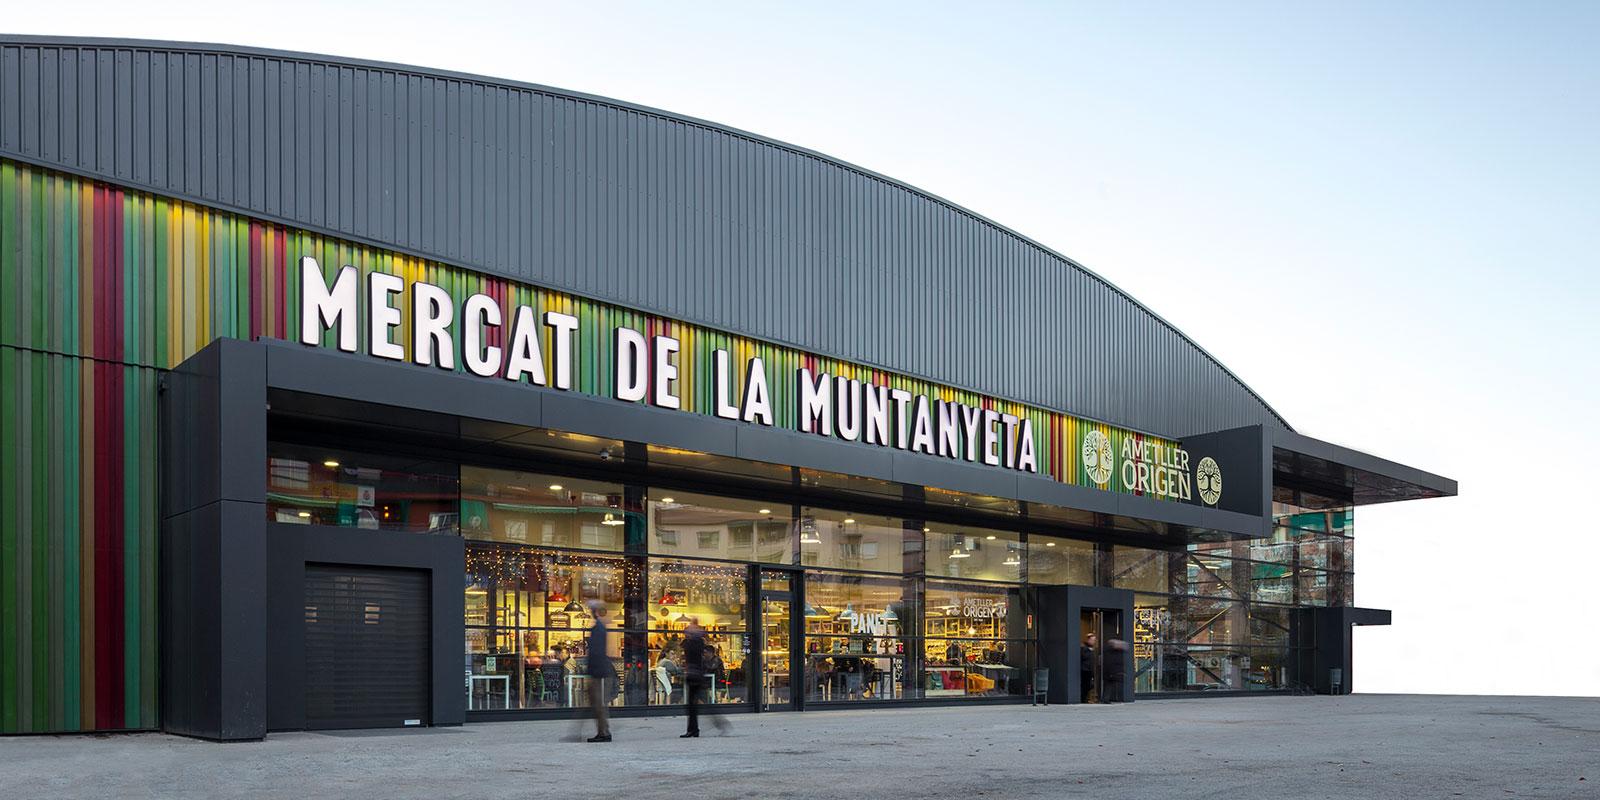 etcetera trabajar ms luz natural para el mercado municipal la muntanyeta barcelona